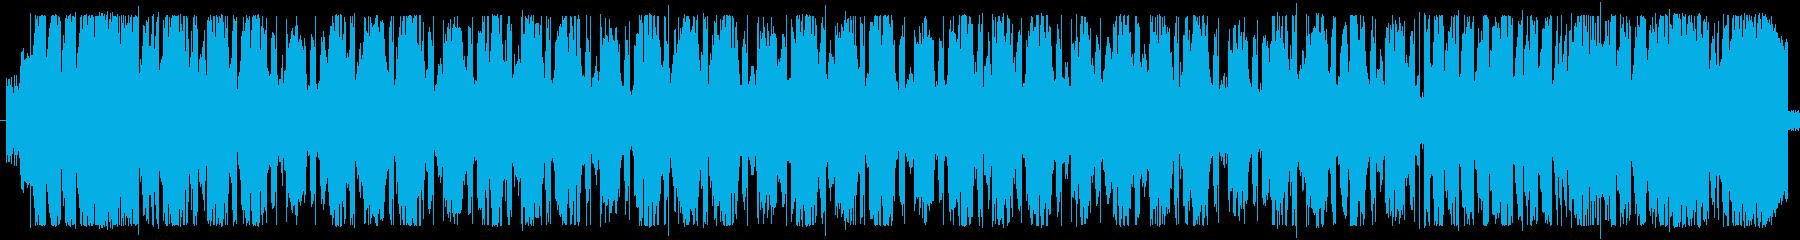 シンプルなインストナンバーで。の再生済みの波形